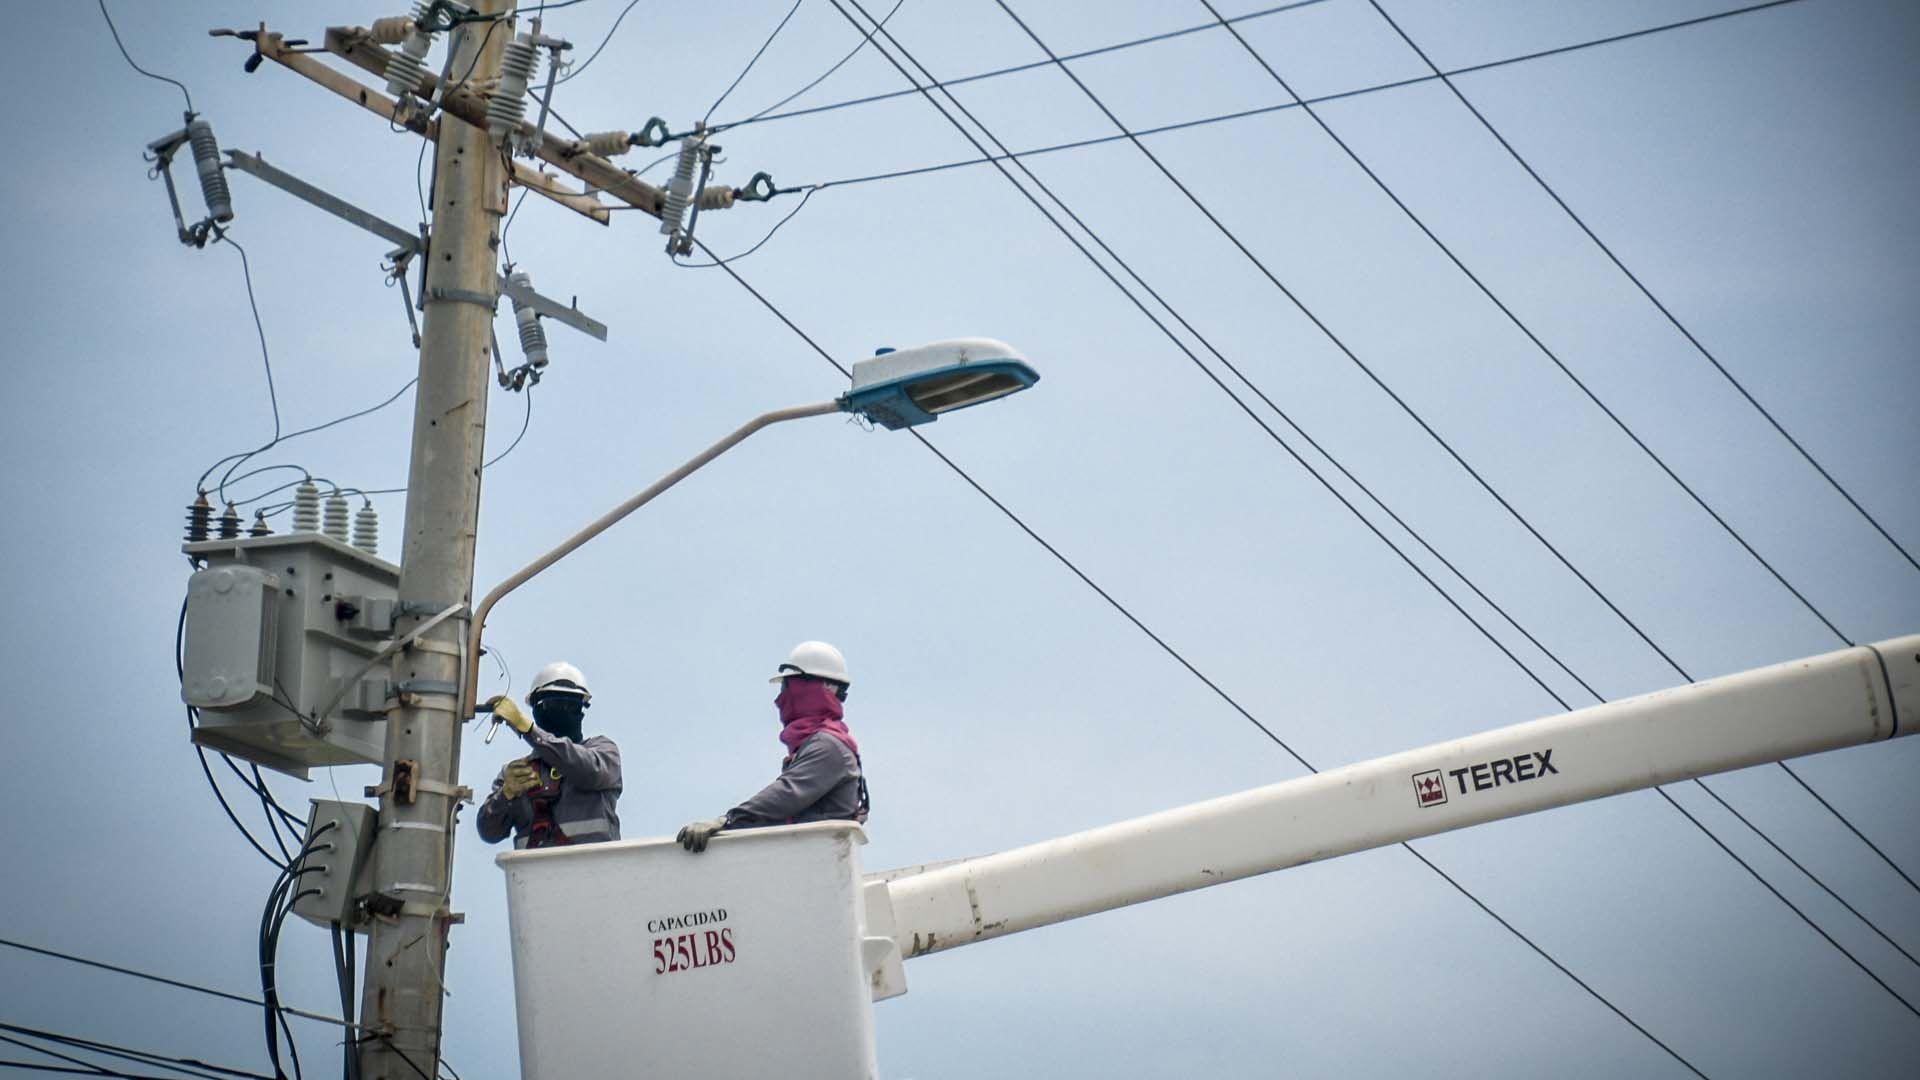 De sur a norte y de norte a sur, nuevamente Barranquilla quedará por algunos sectores sin el servicio de luz. En esta ocasión se debe por la continuación de mantenimientos en las redes eléctricas. Se estima que sean por 10 horas.